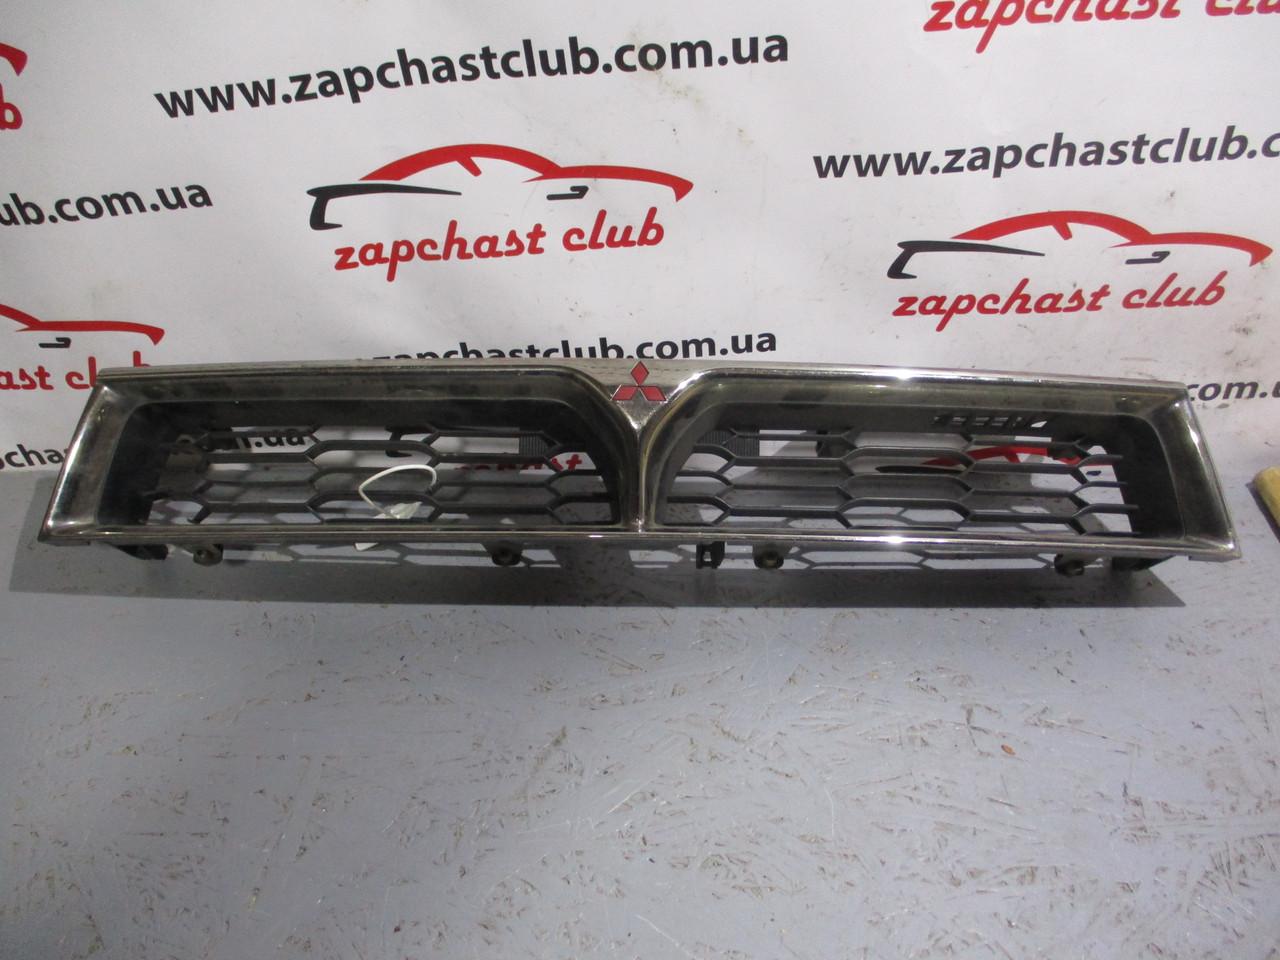 Решетка радиатора хромированная MR441120 (45012595) Galant 97-04r .EA Mitsubishi